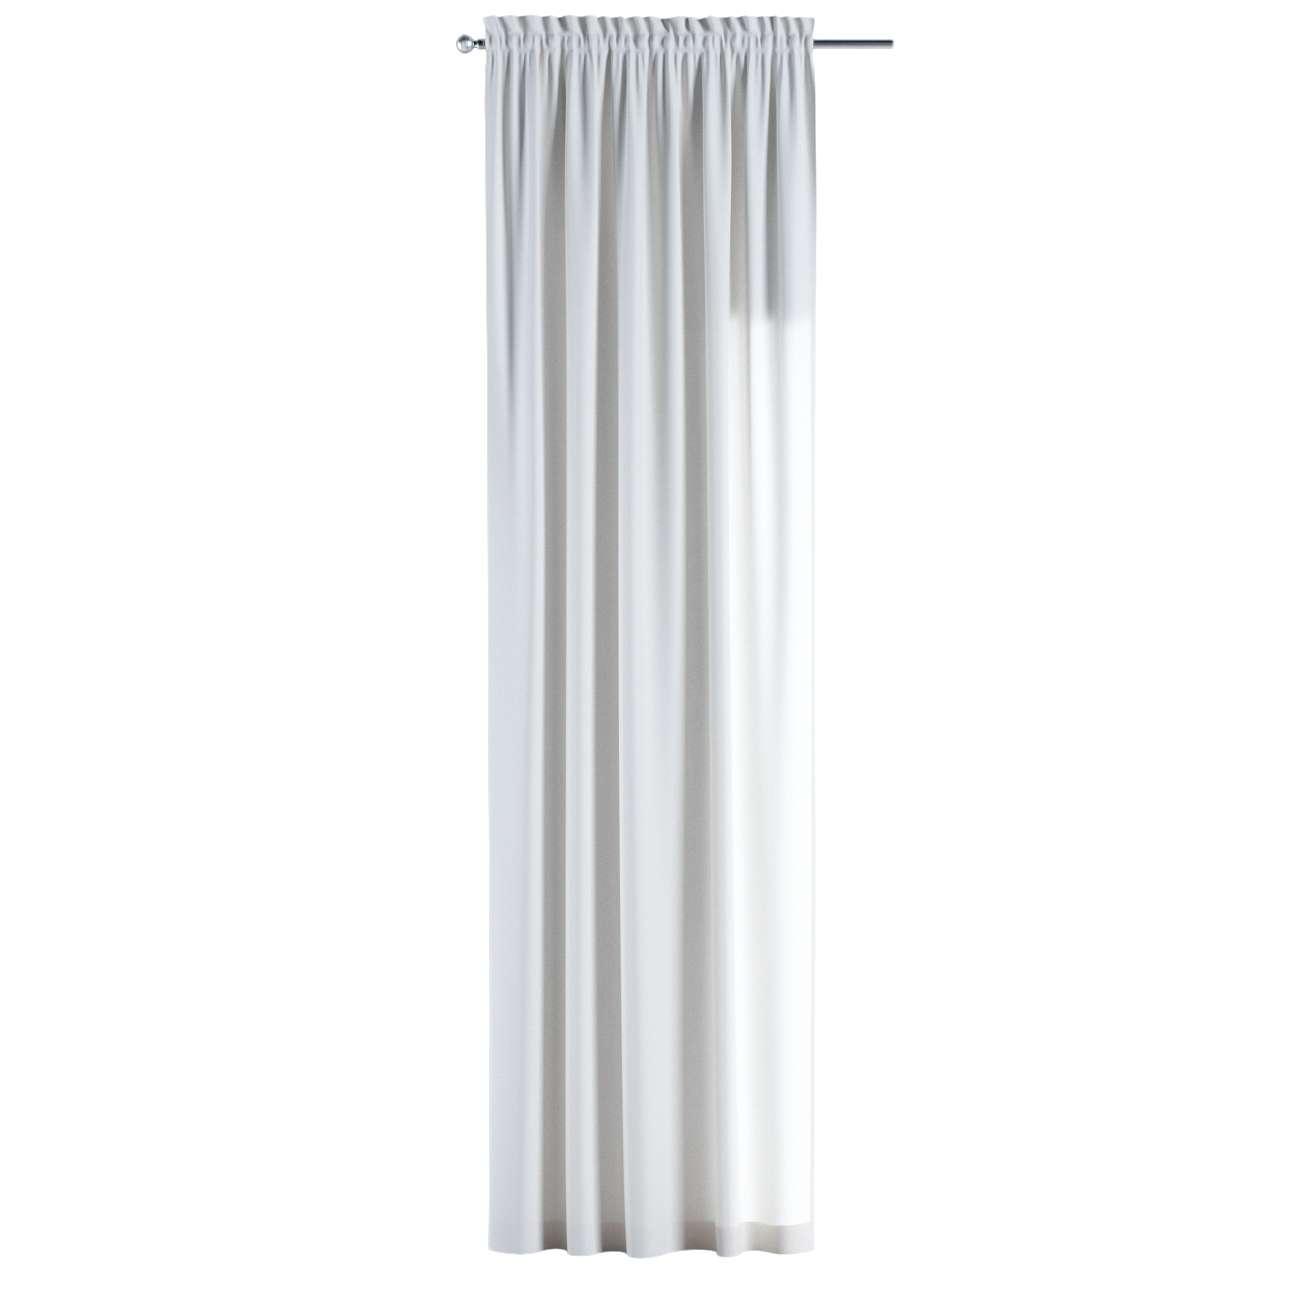 Gardin med kanal - Multiband 1 längd i kollektionen Comics, Tyg: 139-00